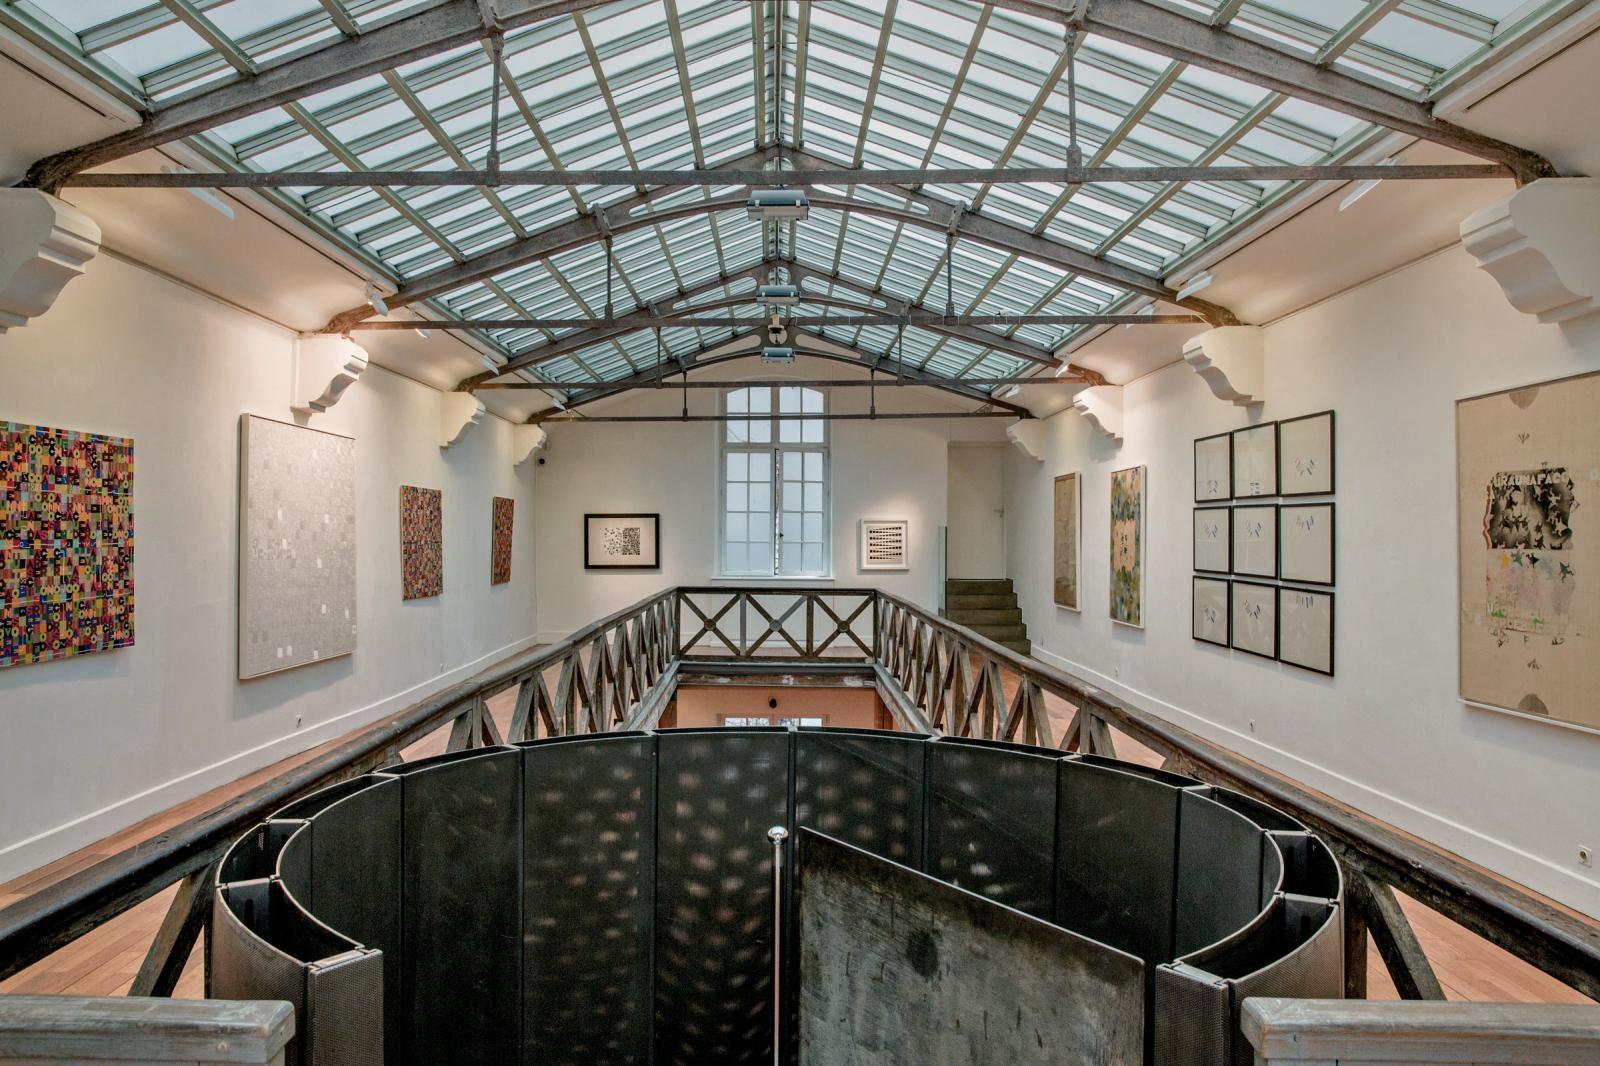 Vues de l'exposition consacrée à Alighiero & Boetti à la galerie parisienne de Tornabuoni Art, début 2017.